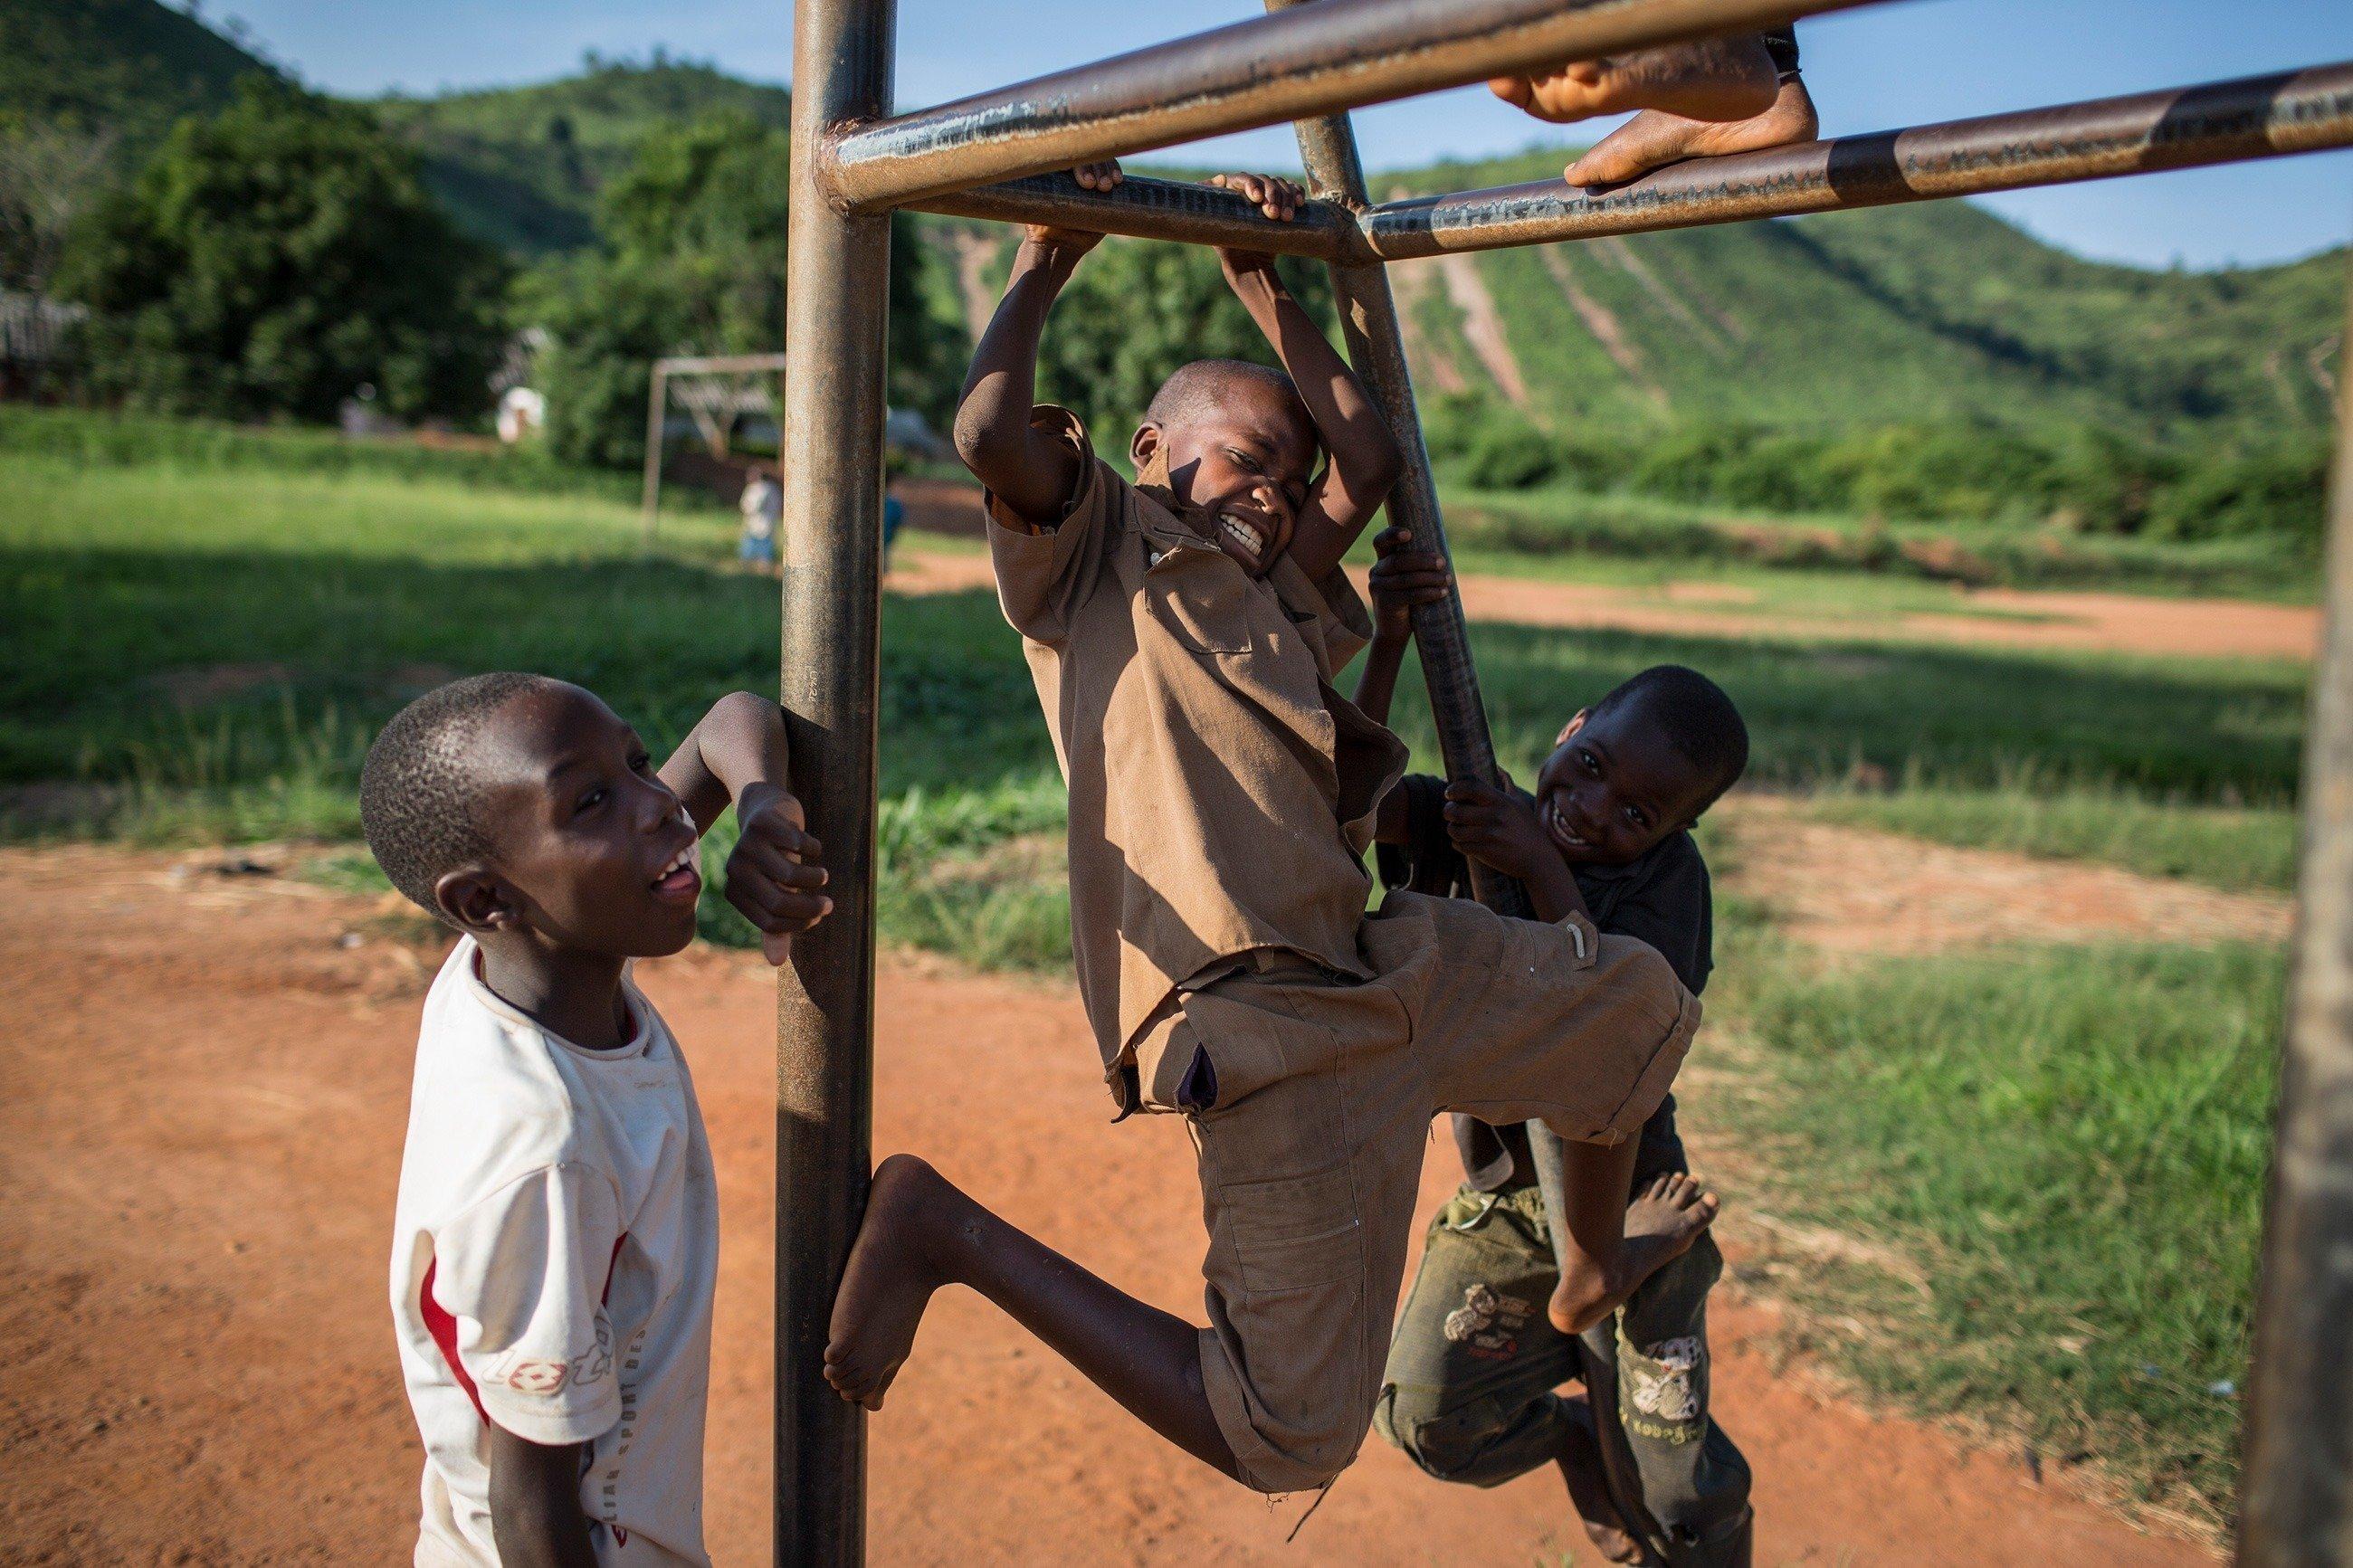 Un groupe d'enfants en train de jouer.